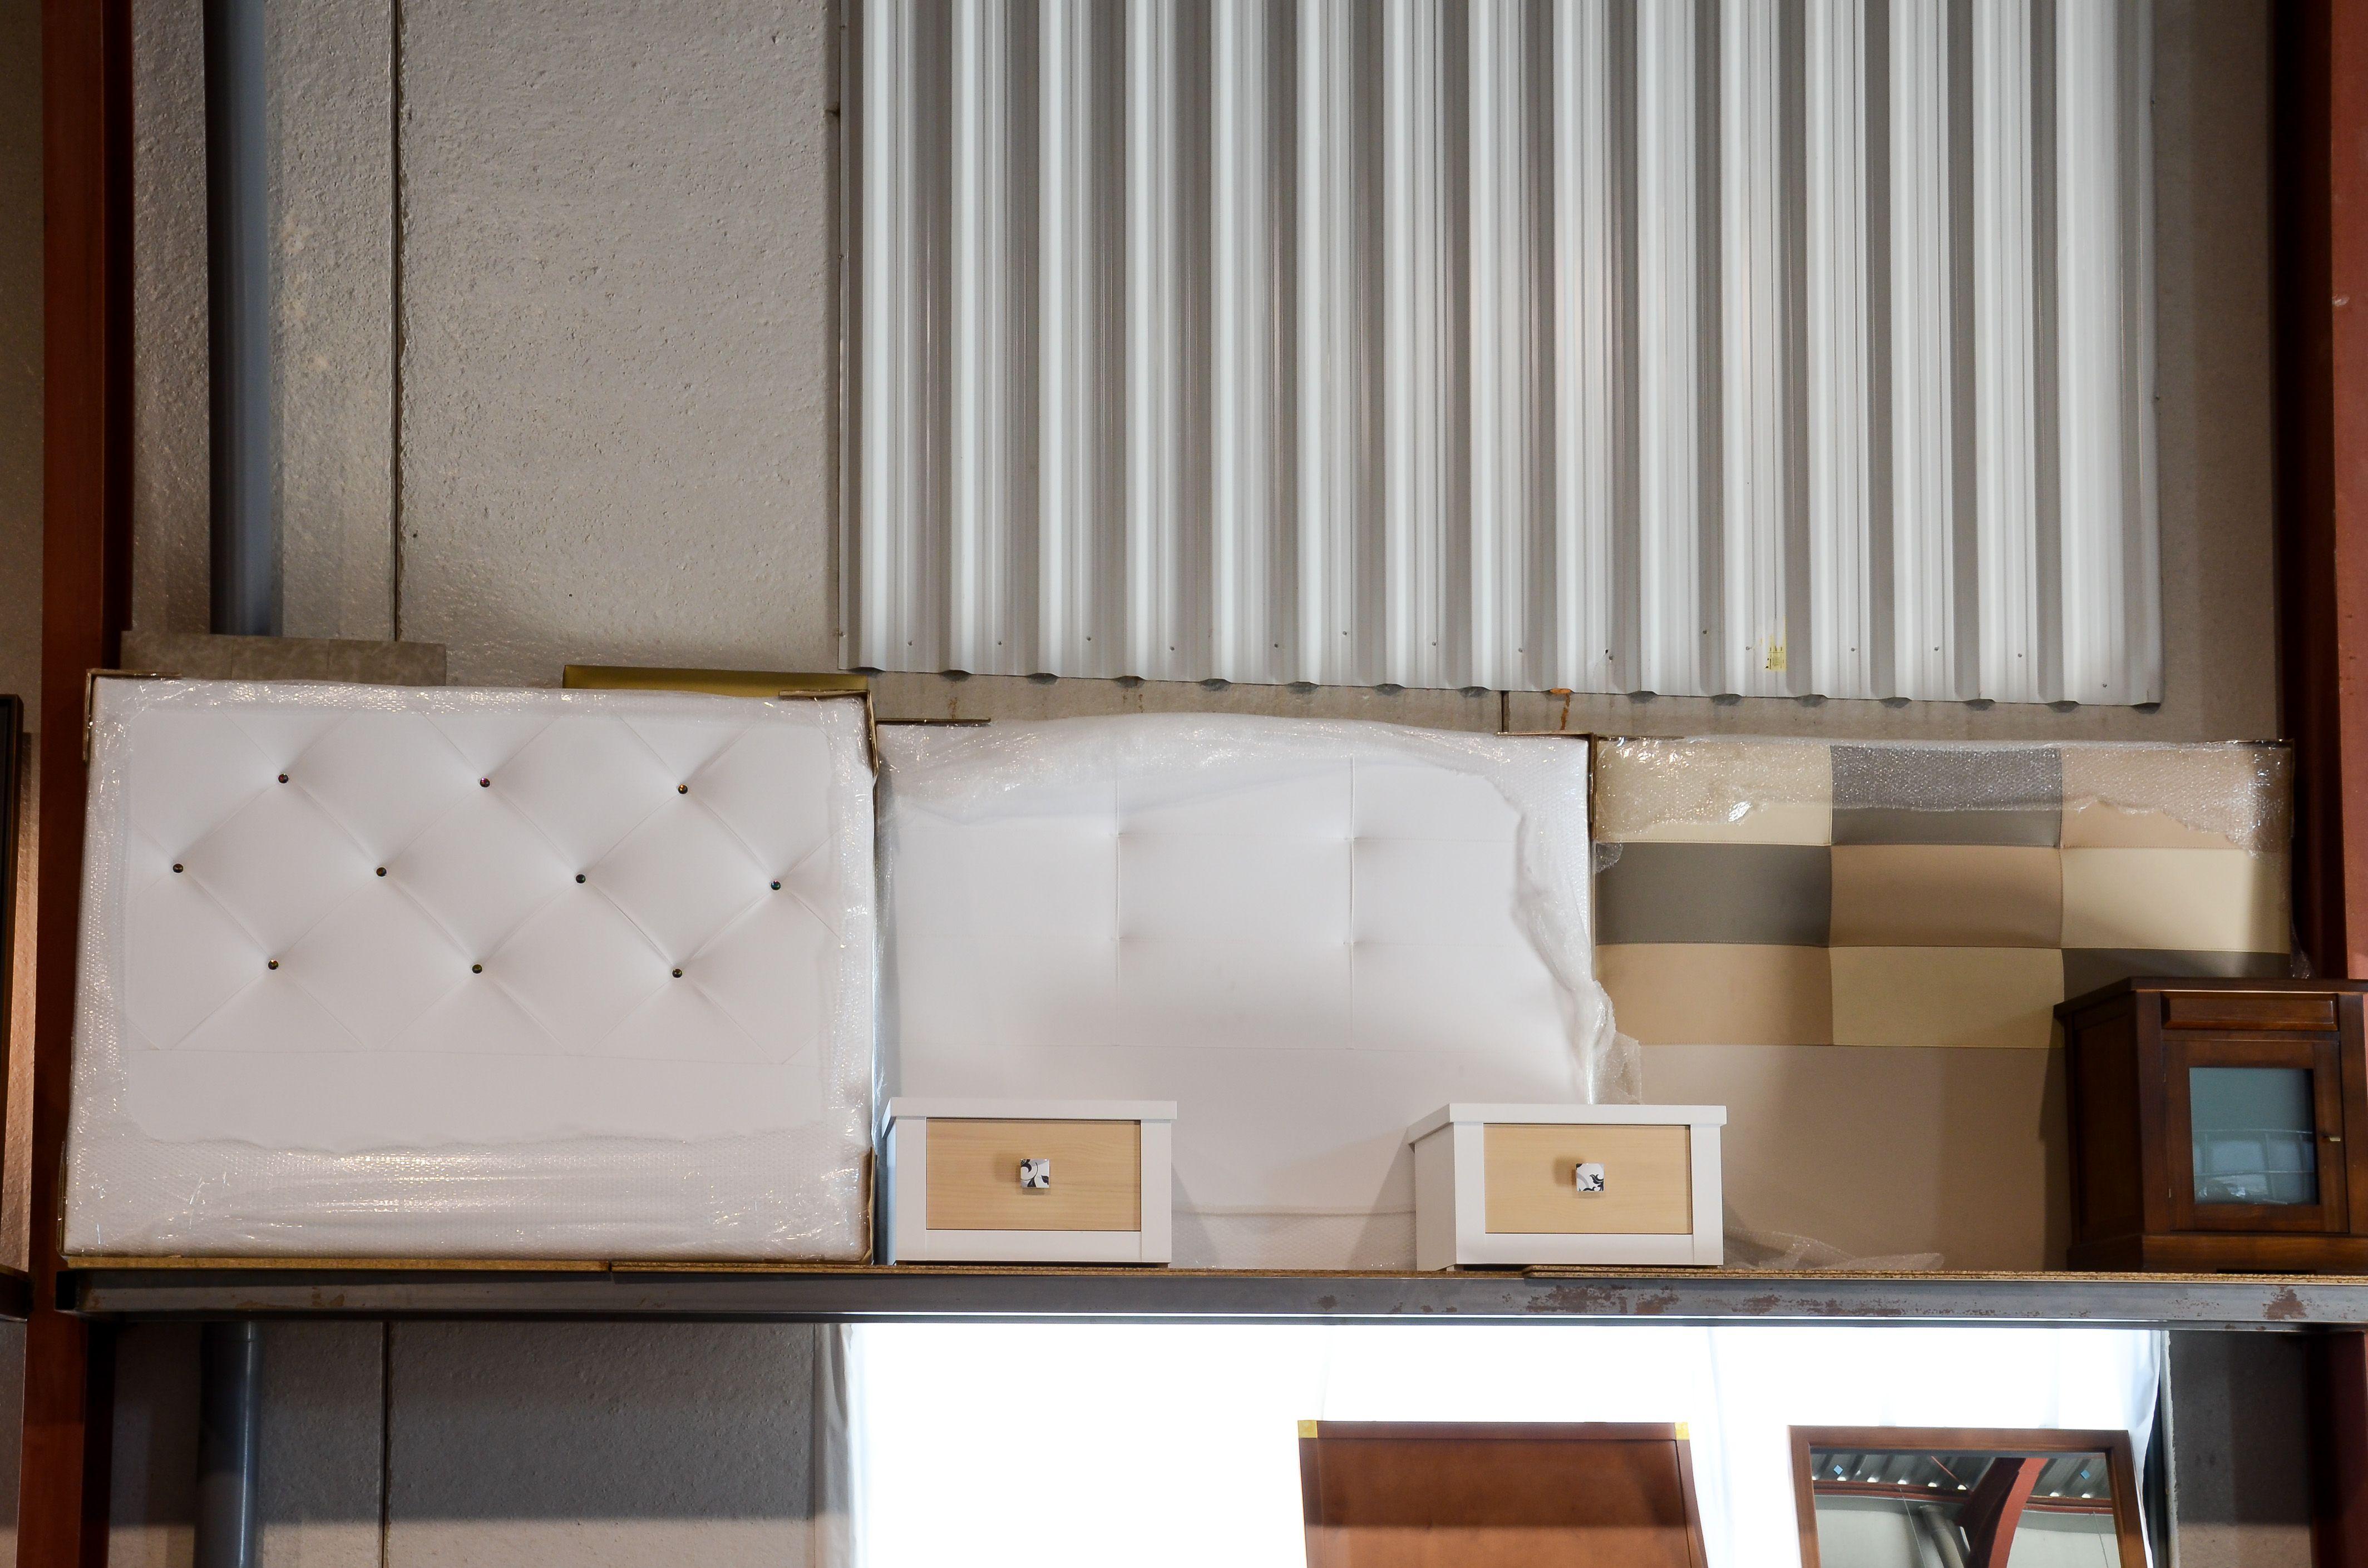 Venta de muebles de todo tipo en Murcia